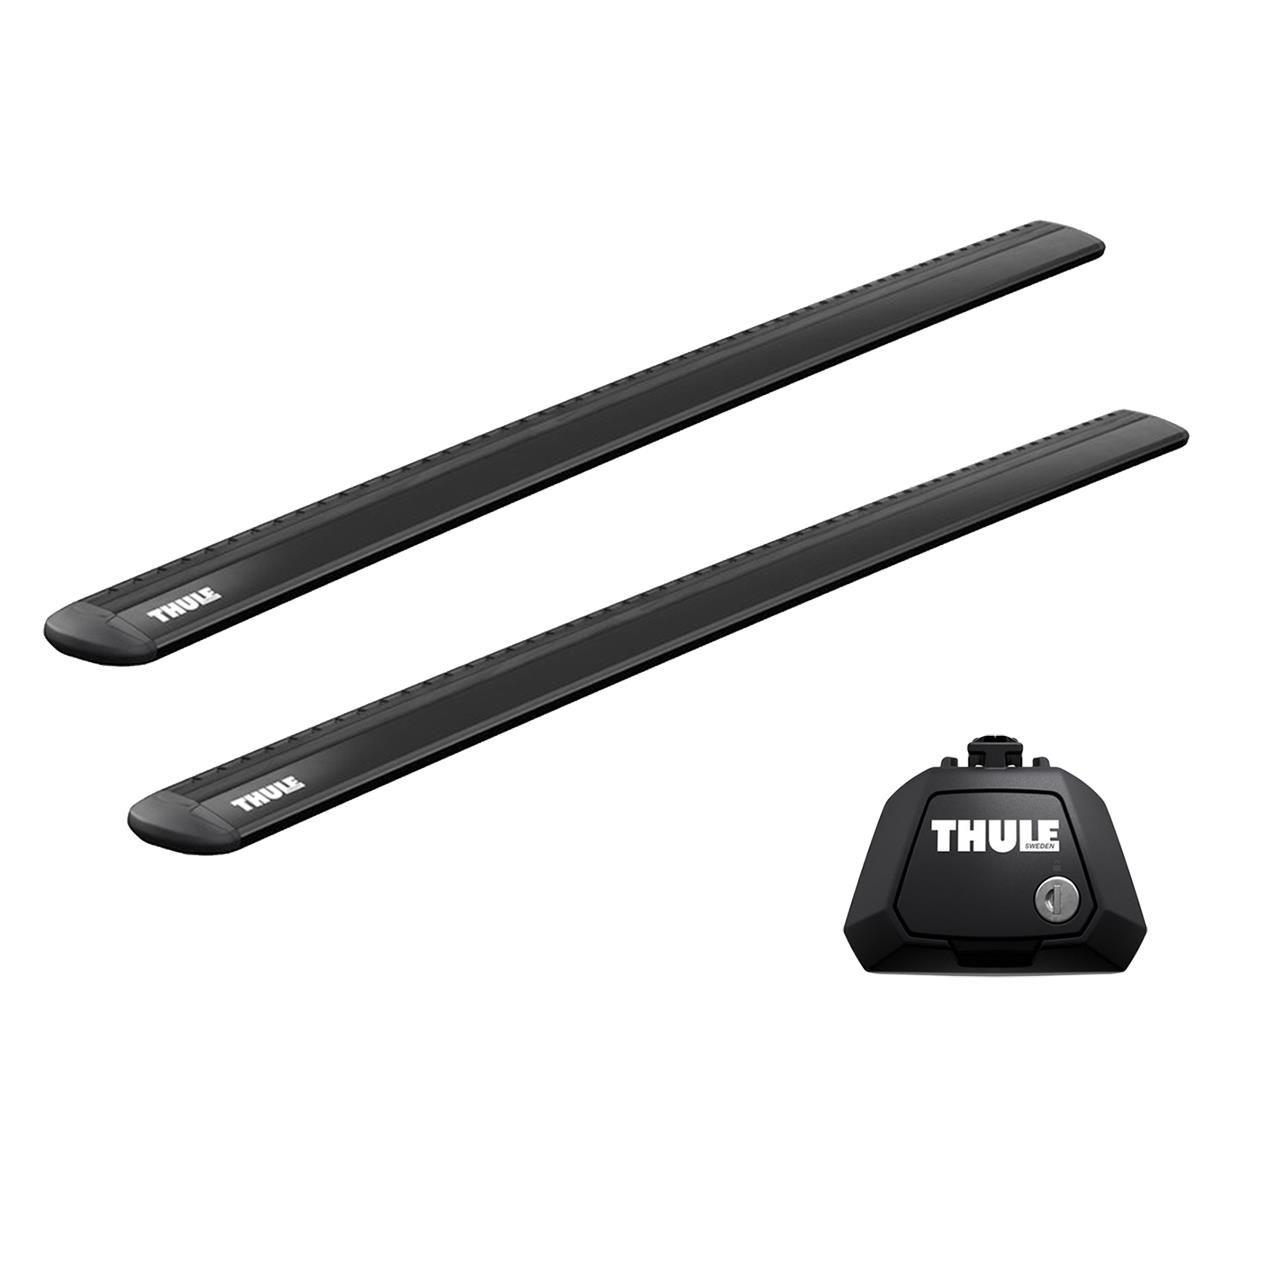 Напречни греди Thule Evo Raised Rail WingBar Evo 127cm в Черно за MERCEDES E-klasse (S211) 5 врати Estate 03-08 с фабрични надлъжни греди с просвет 1